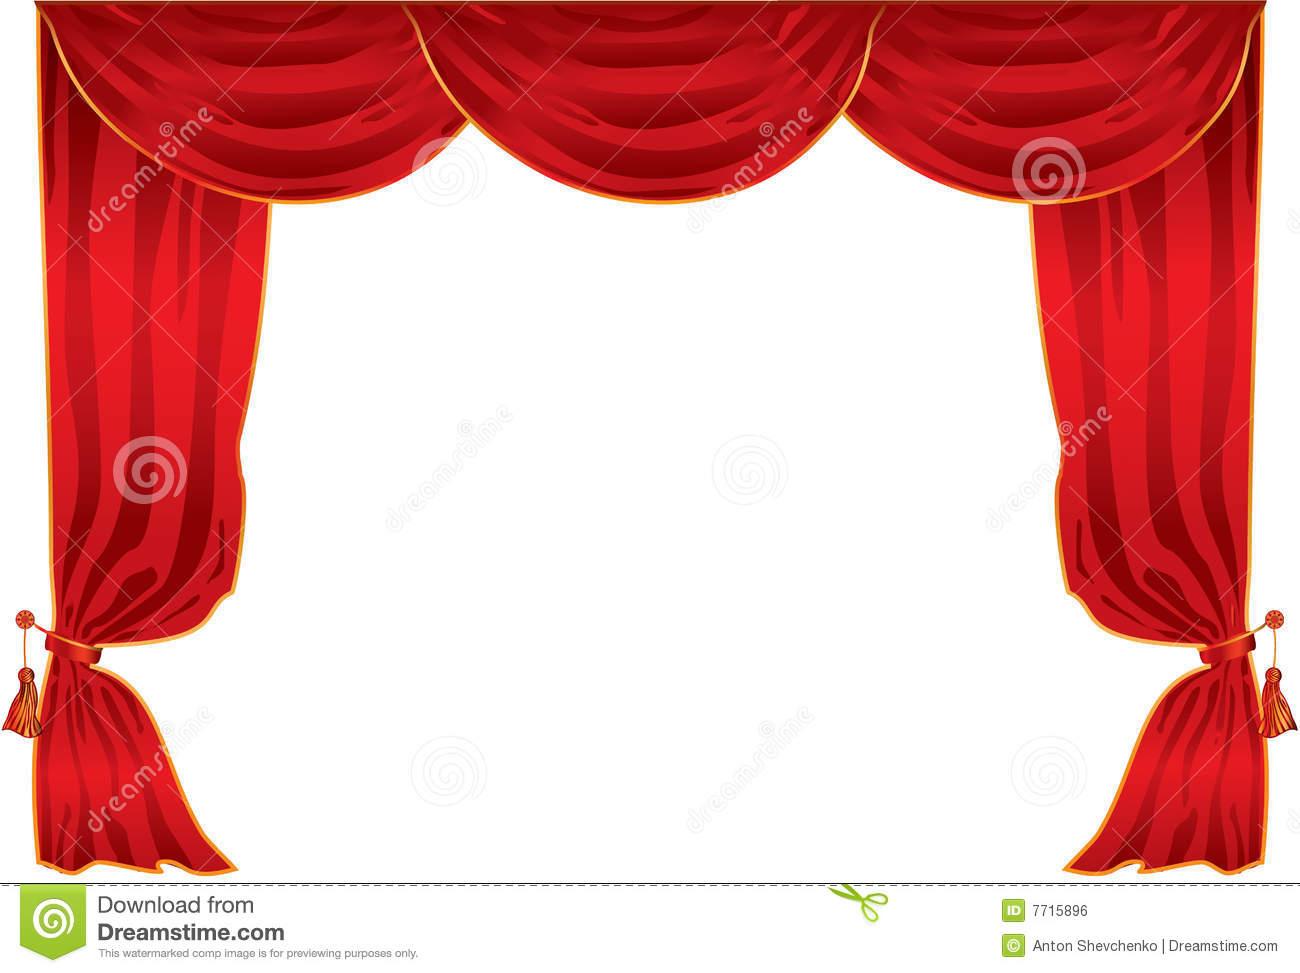 Théâtre De Rideau Image Libre De Droits - Image: 7715896 concernant Rideau De Theatre